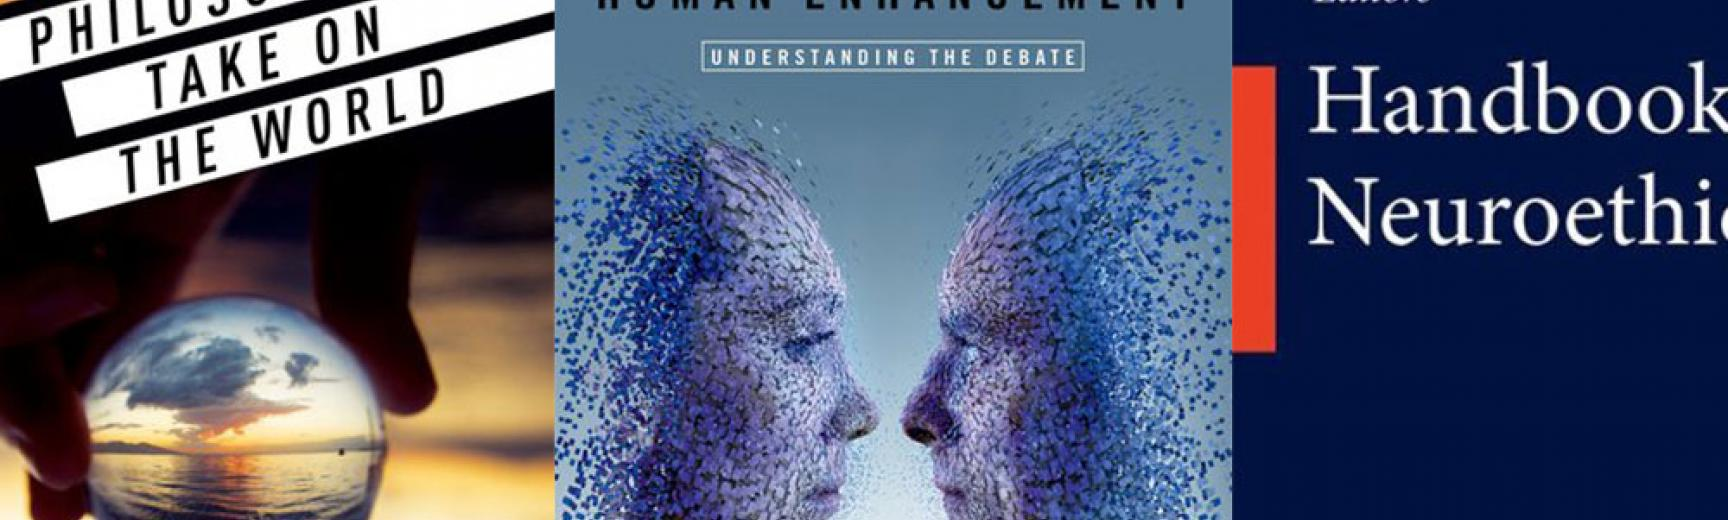 book cover composite